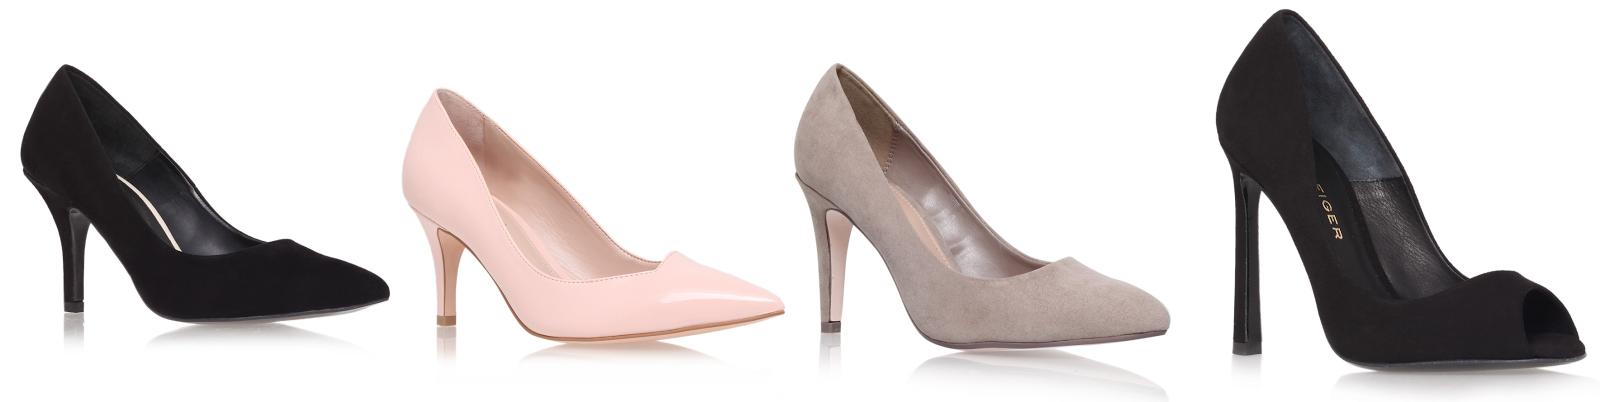 Shoeaholics discounts kurt geiger shoes.